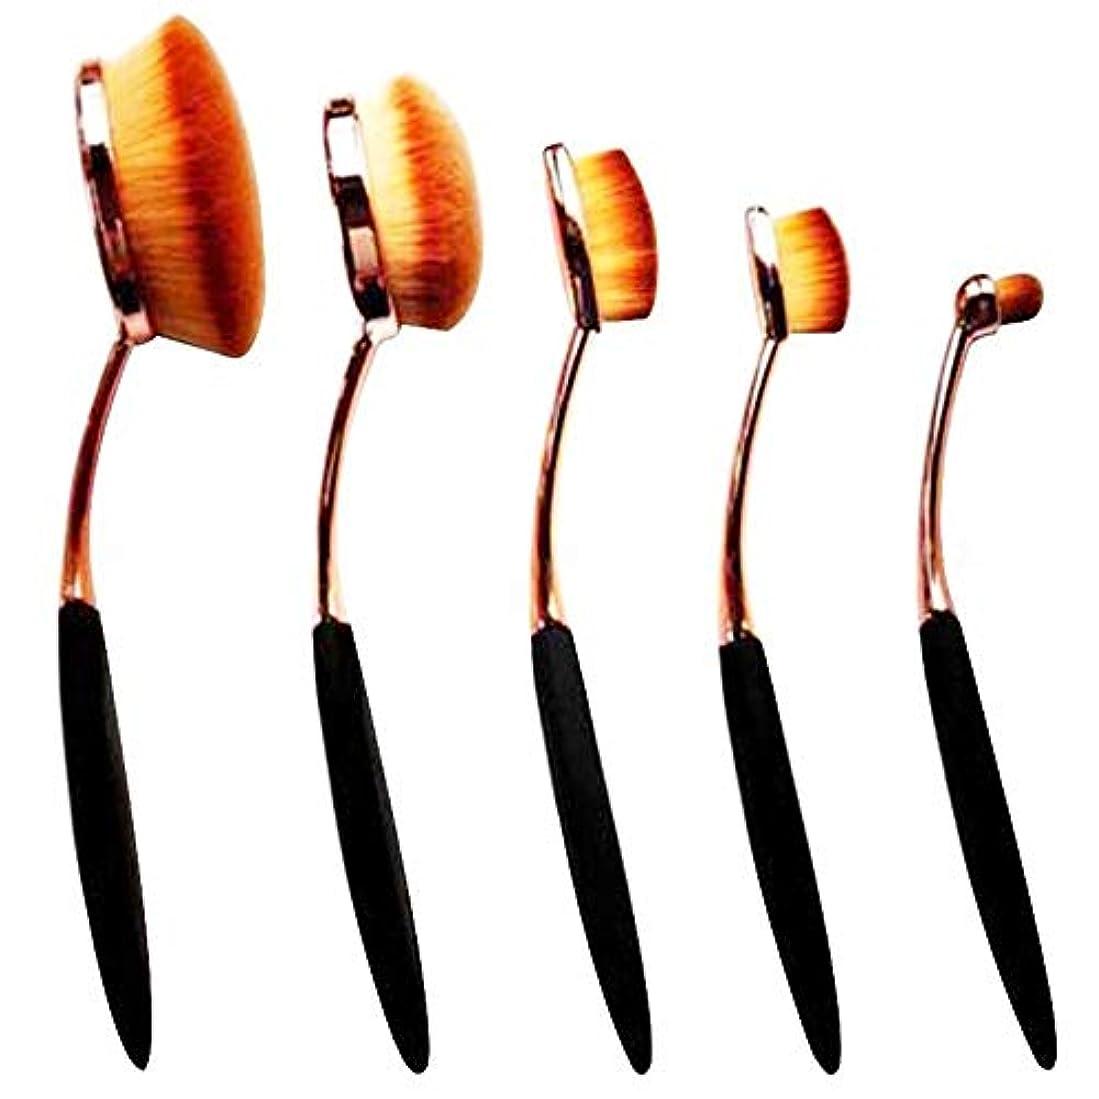 知っているに立ち寄る絶滅したフォーマット5個 専用 化粧ブラシ 歯ブラシ型 高級繊維毛 ファンデーションブラシ メイクブラシ メイクアップブラシ コスメ 化粧 ファンデーションブラシ